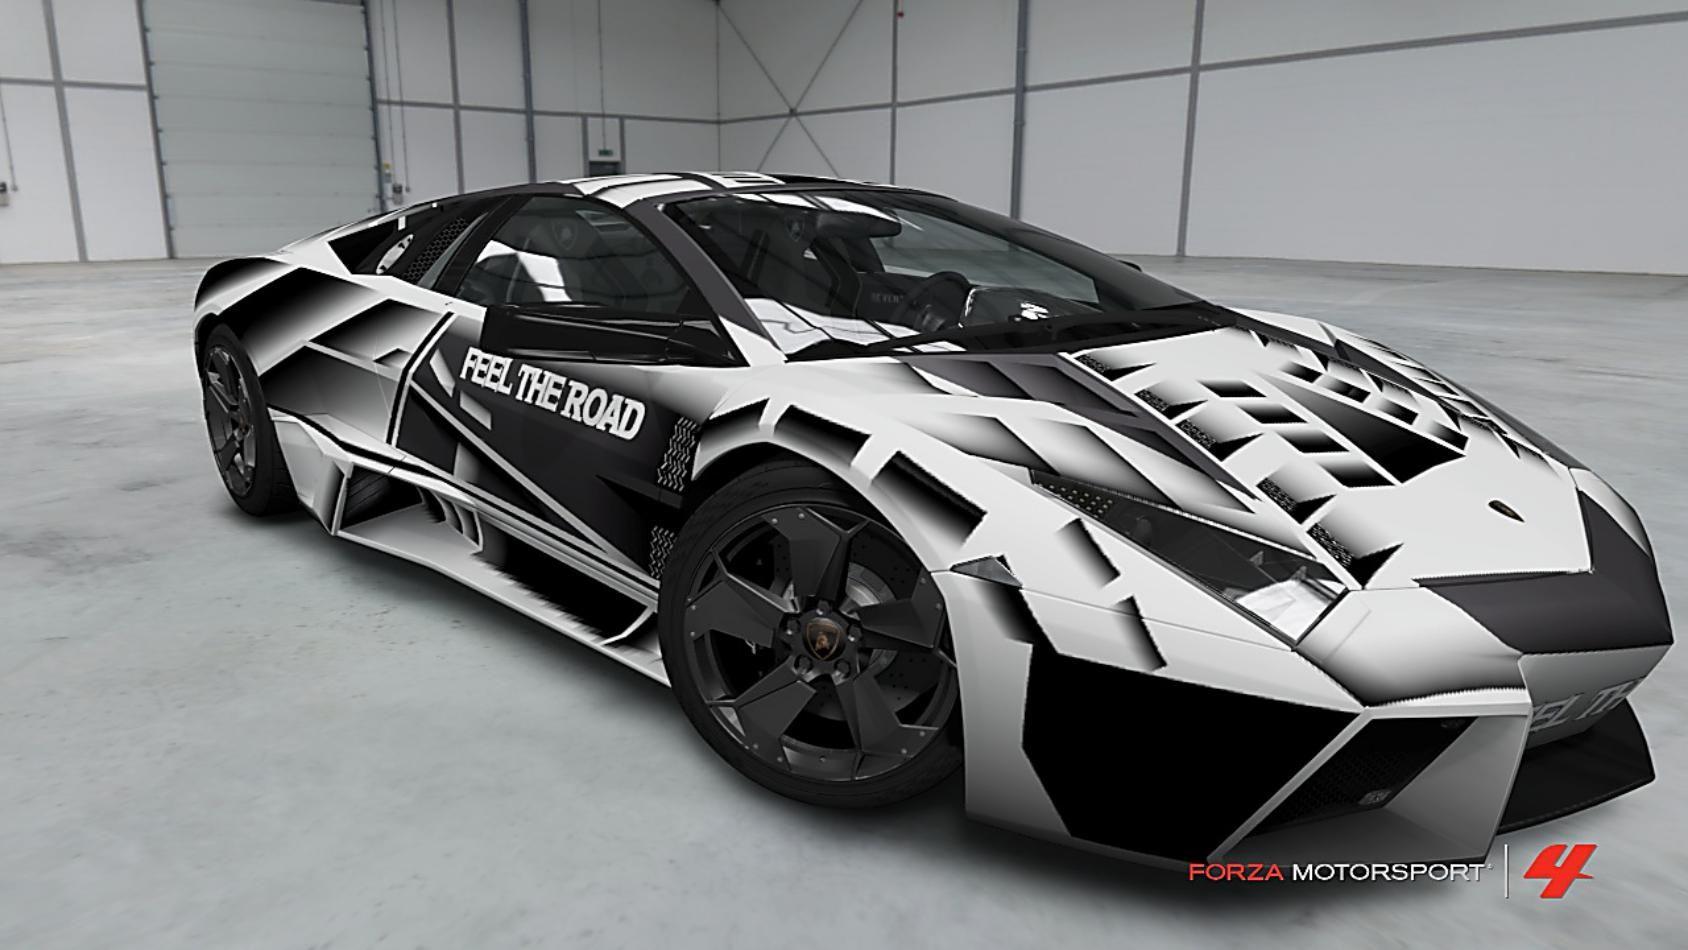 Review Lamborghini Reventon Lamborghini Reventon Super Cars Lamborghini